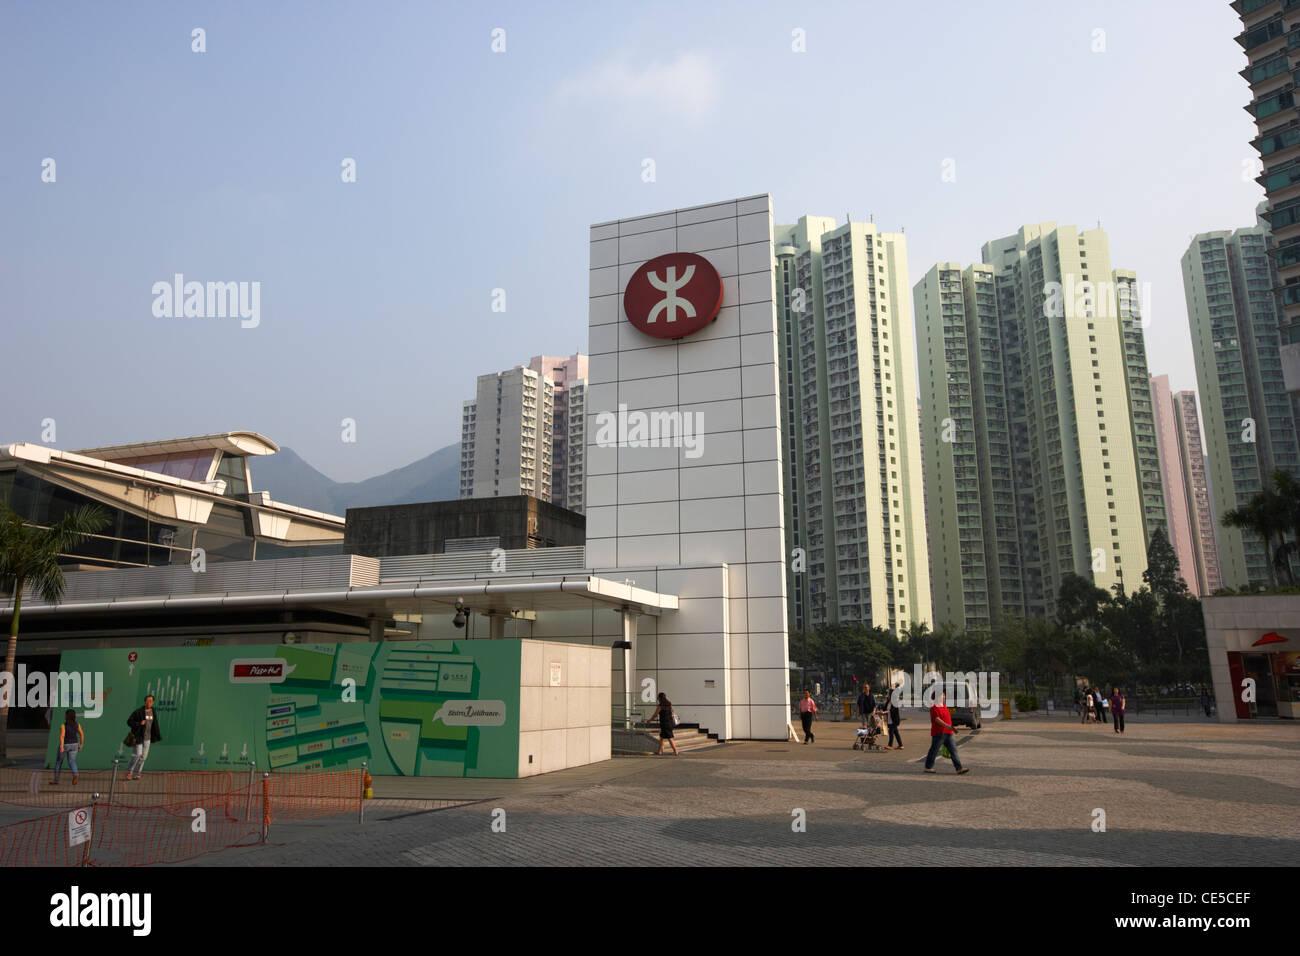 tung chung mtr station lantau island hong kong hksar china asia - Stock Image